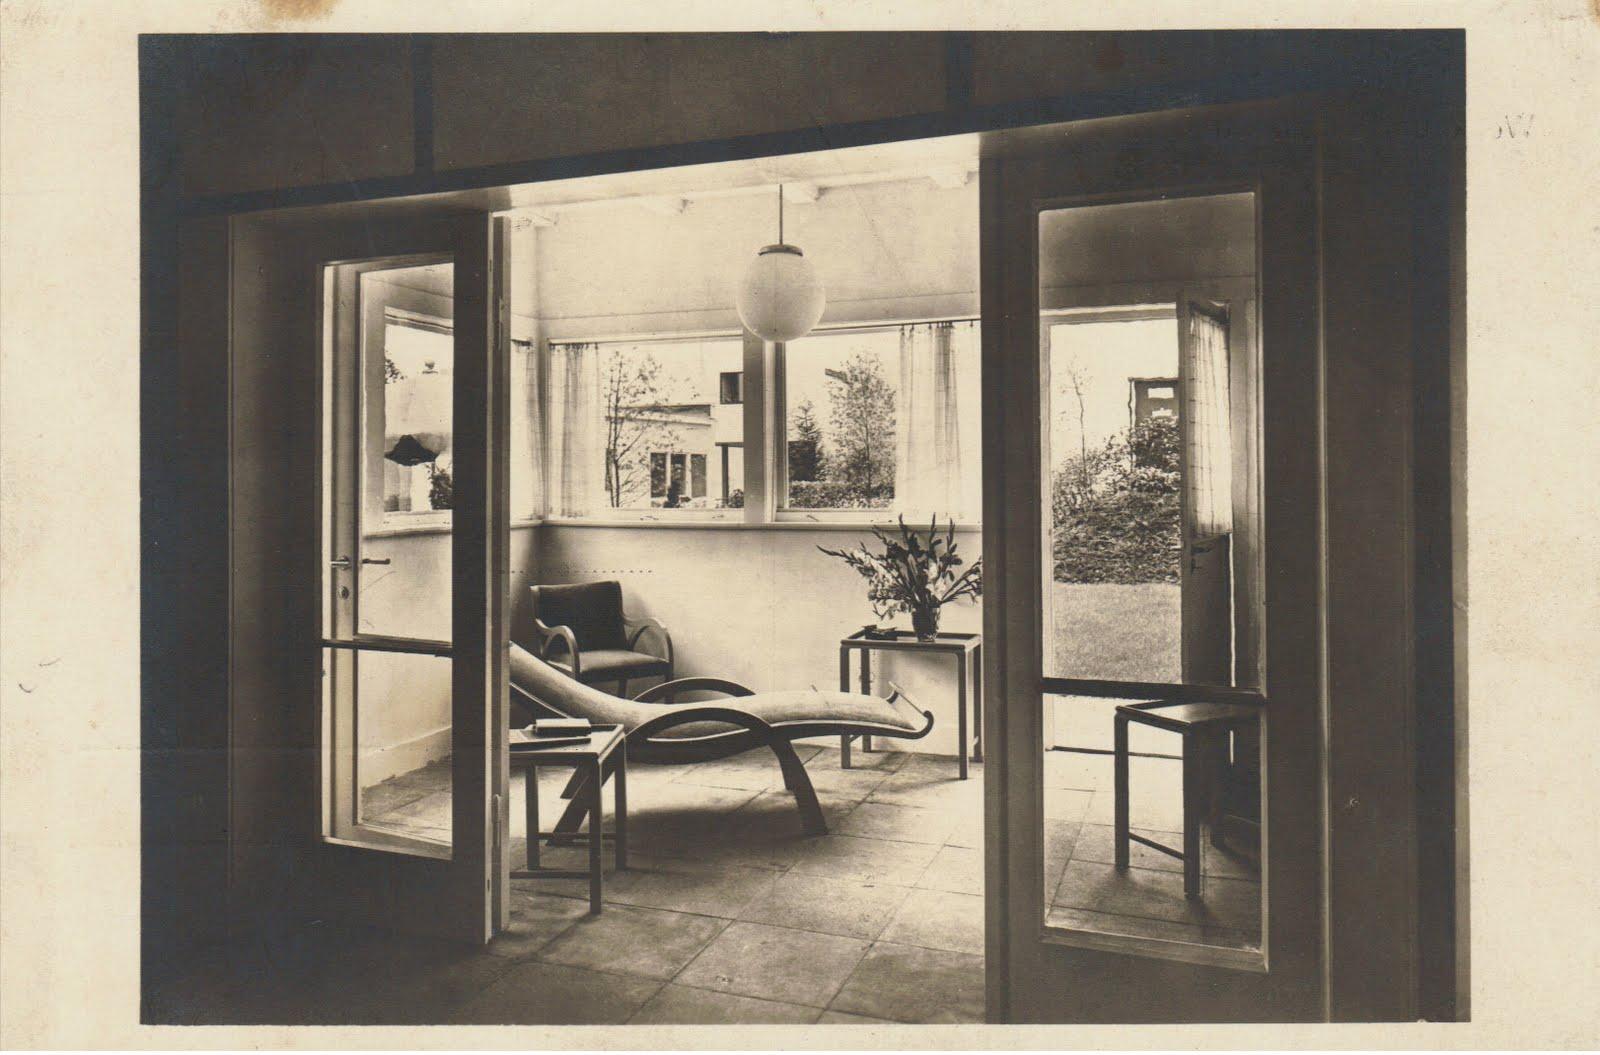 postales inventadas making up postcards 516 werkbund ausstellung die wohnung stuttgart 1927. Black Bedroom Furniture Sets. Home Design Ideas